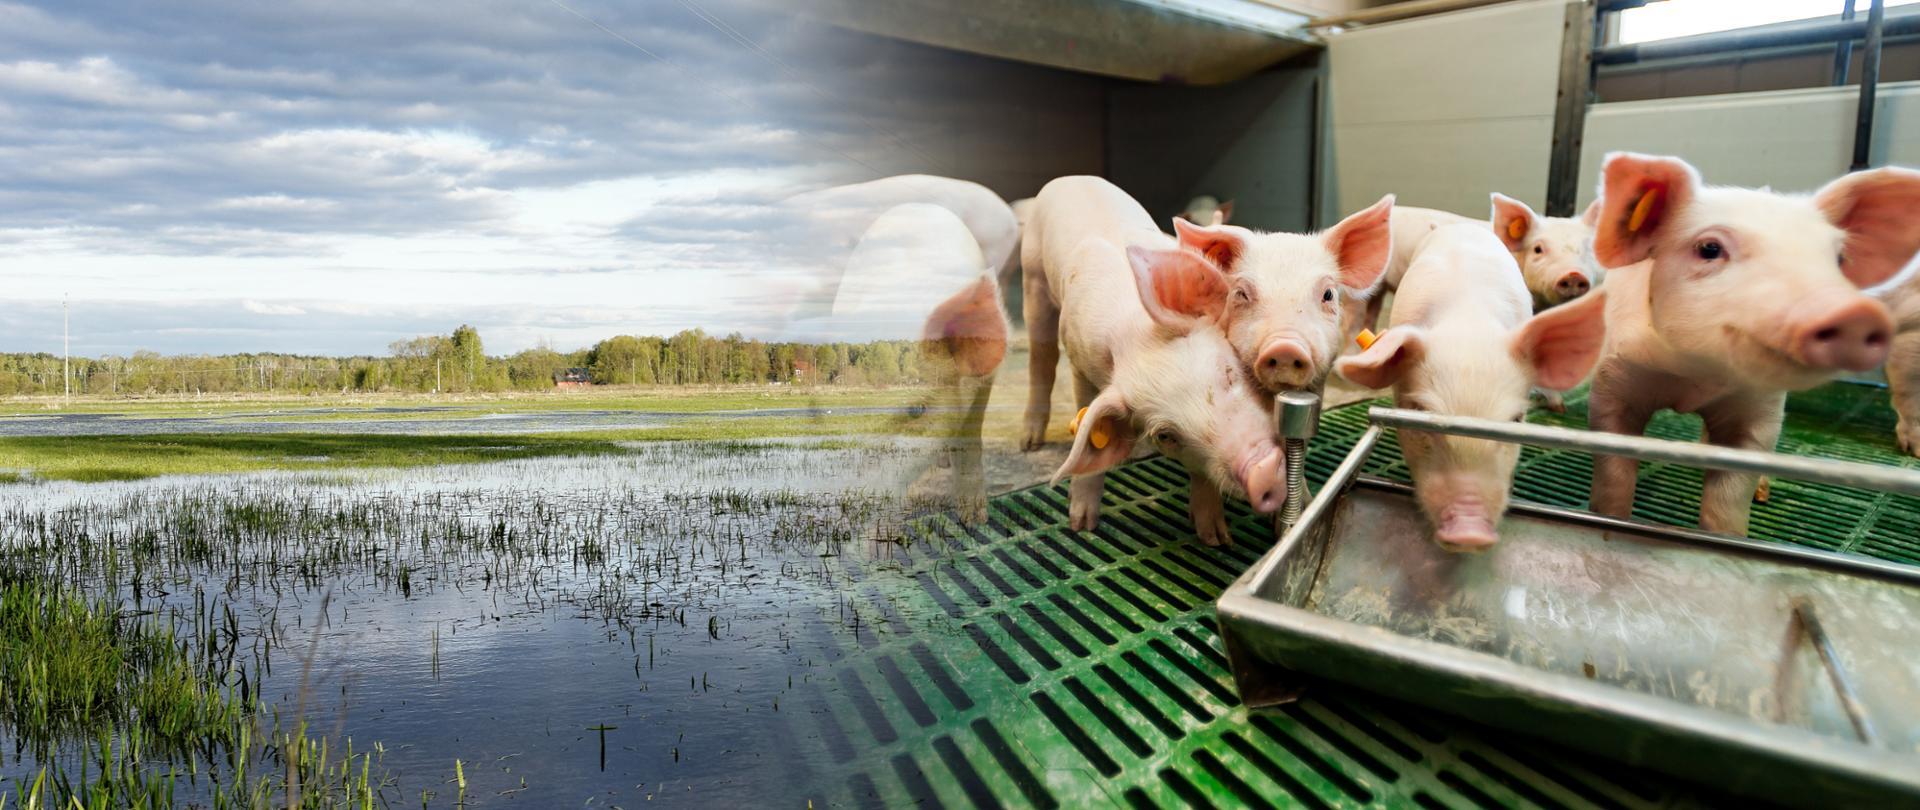 Inwestycje zapobiegające zniszczeniu potencjału produkcji rolnej